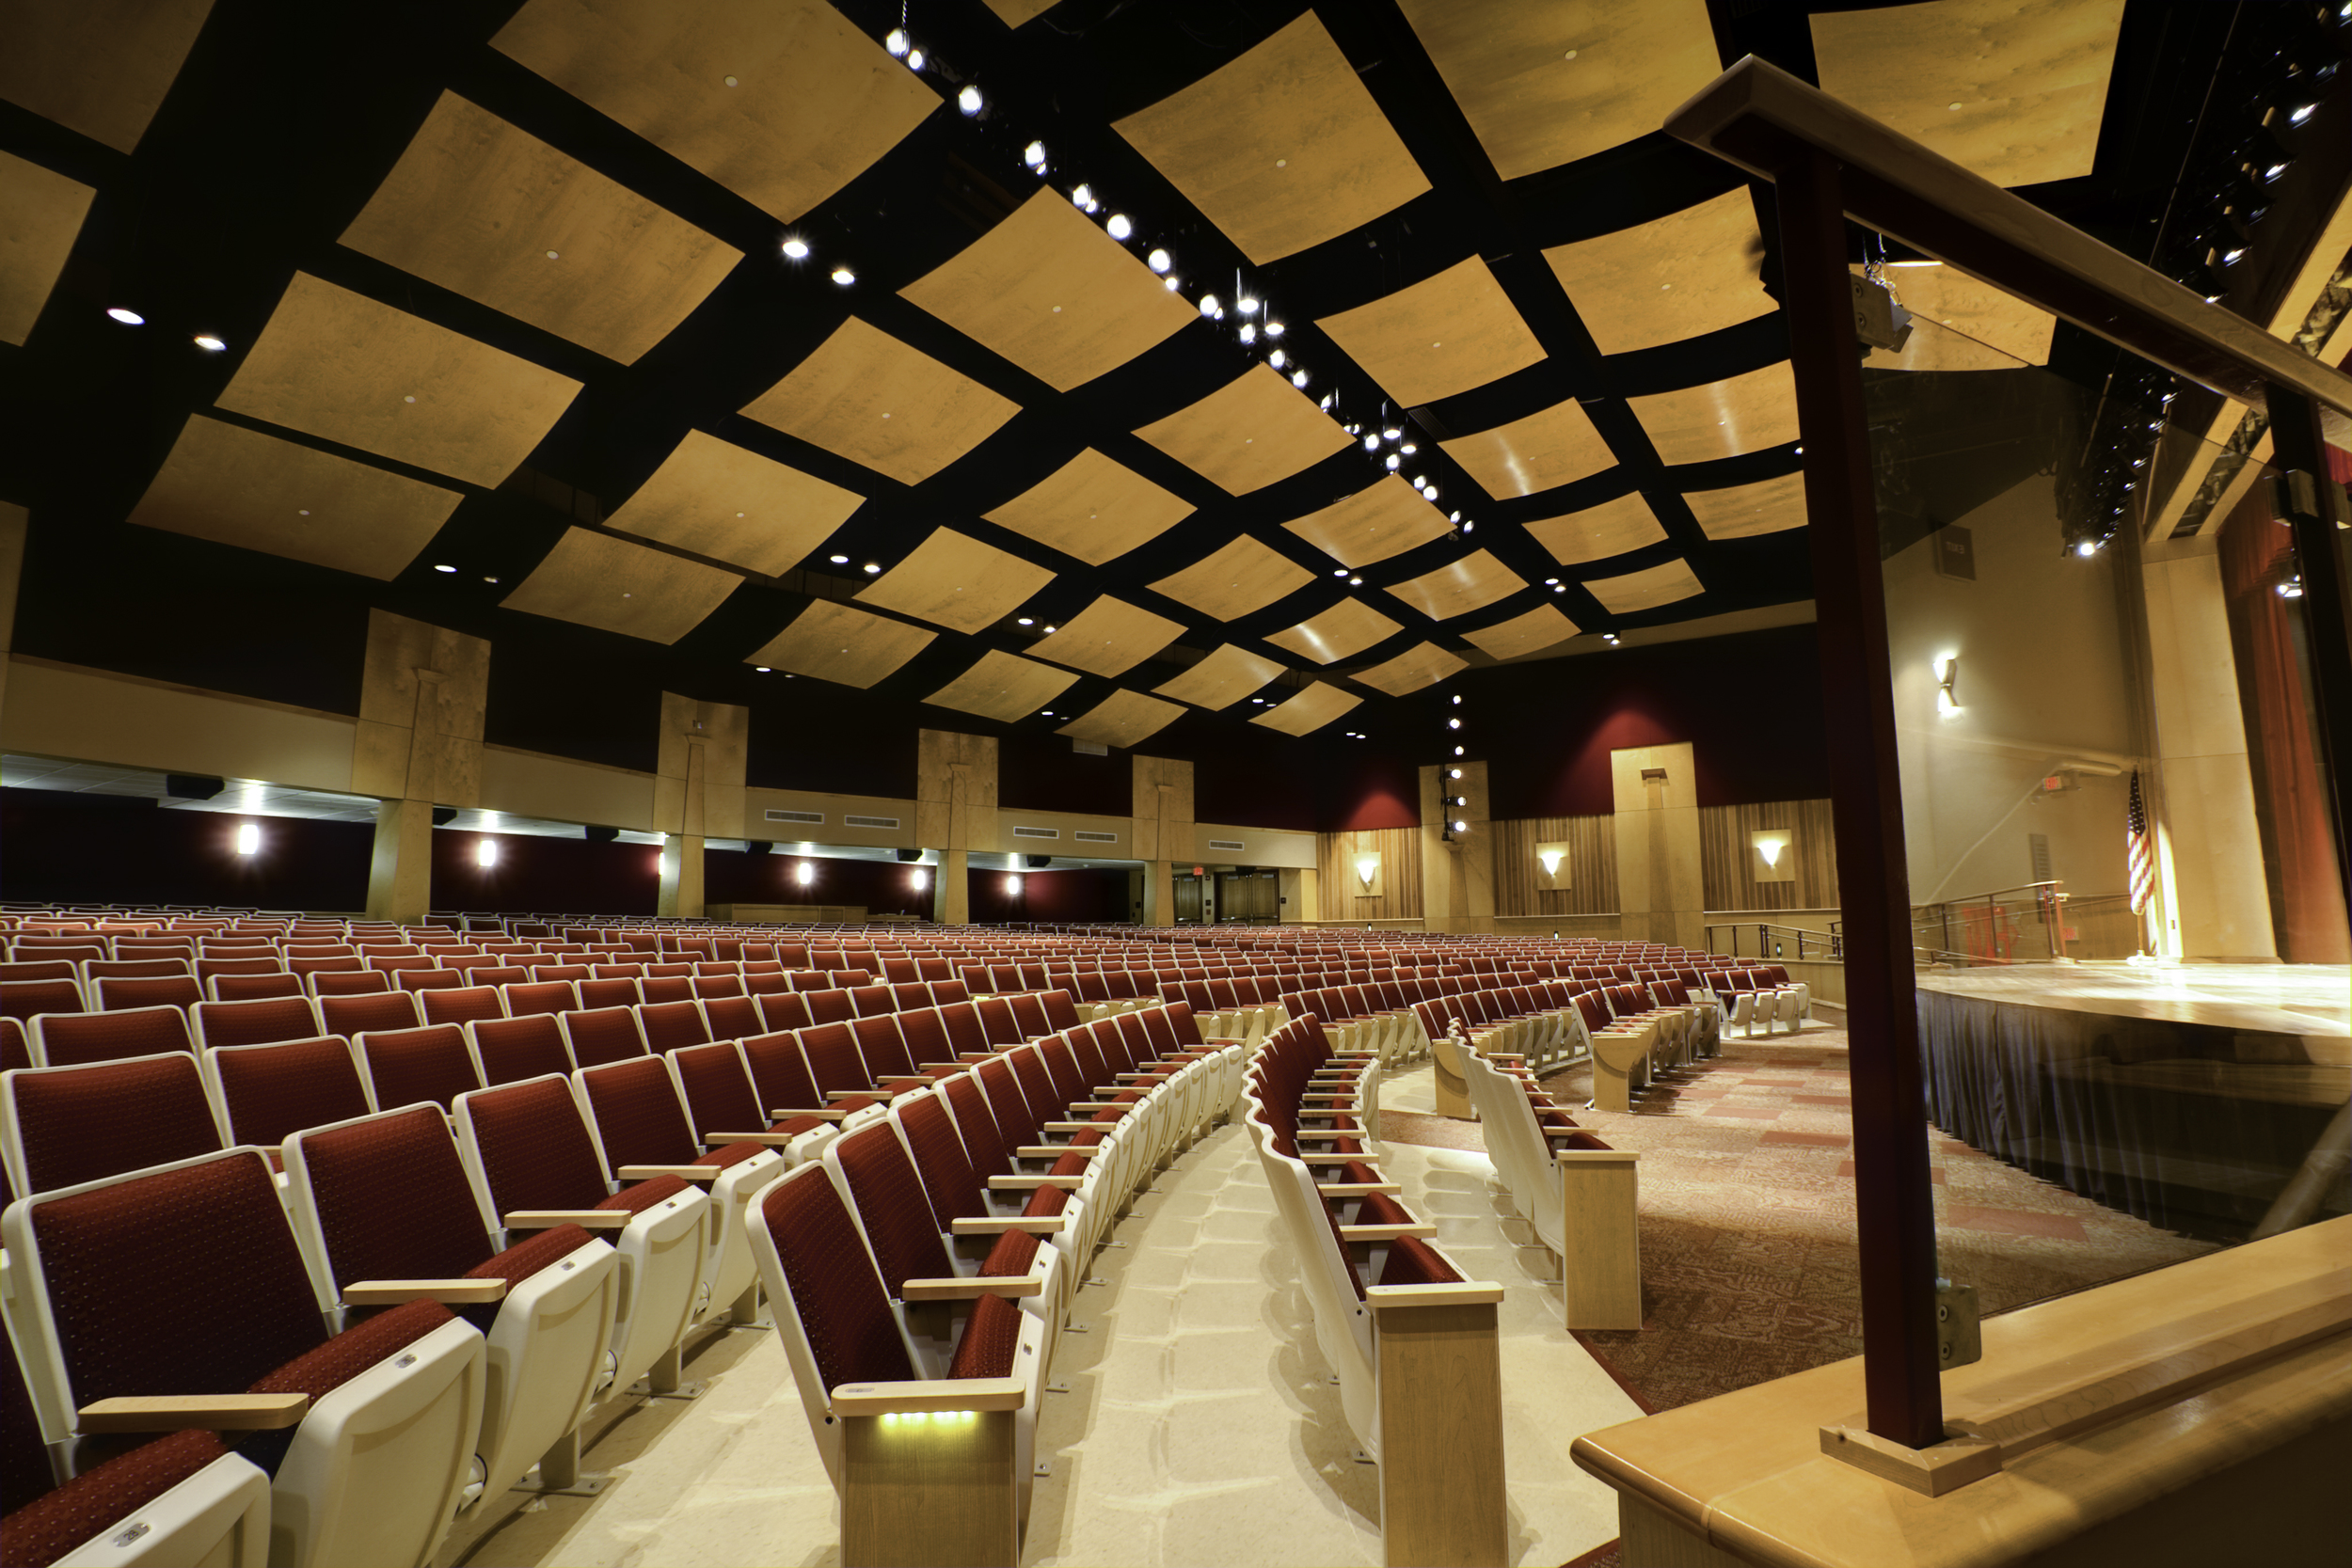 ChichesterHighSchool_Auditorium01.jpg